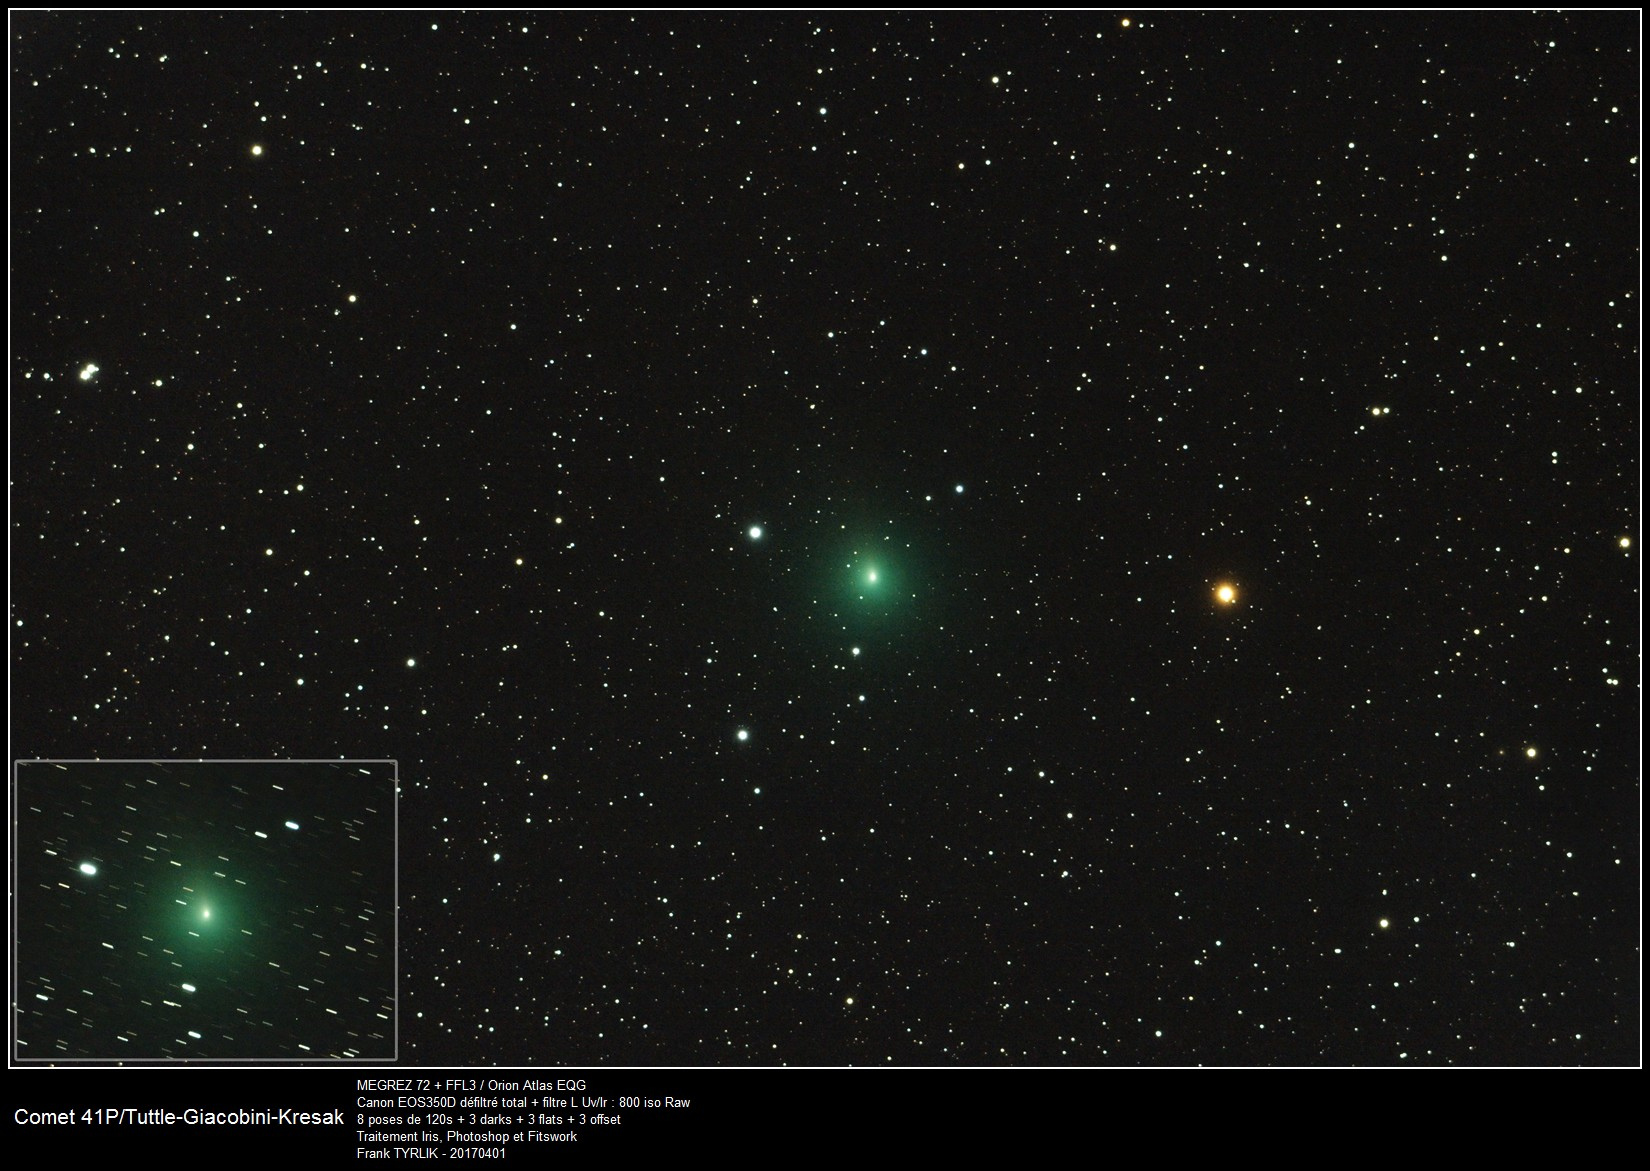 Comète 41P/Tuttle-Giaconini-Kresak - 01/04/2017